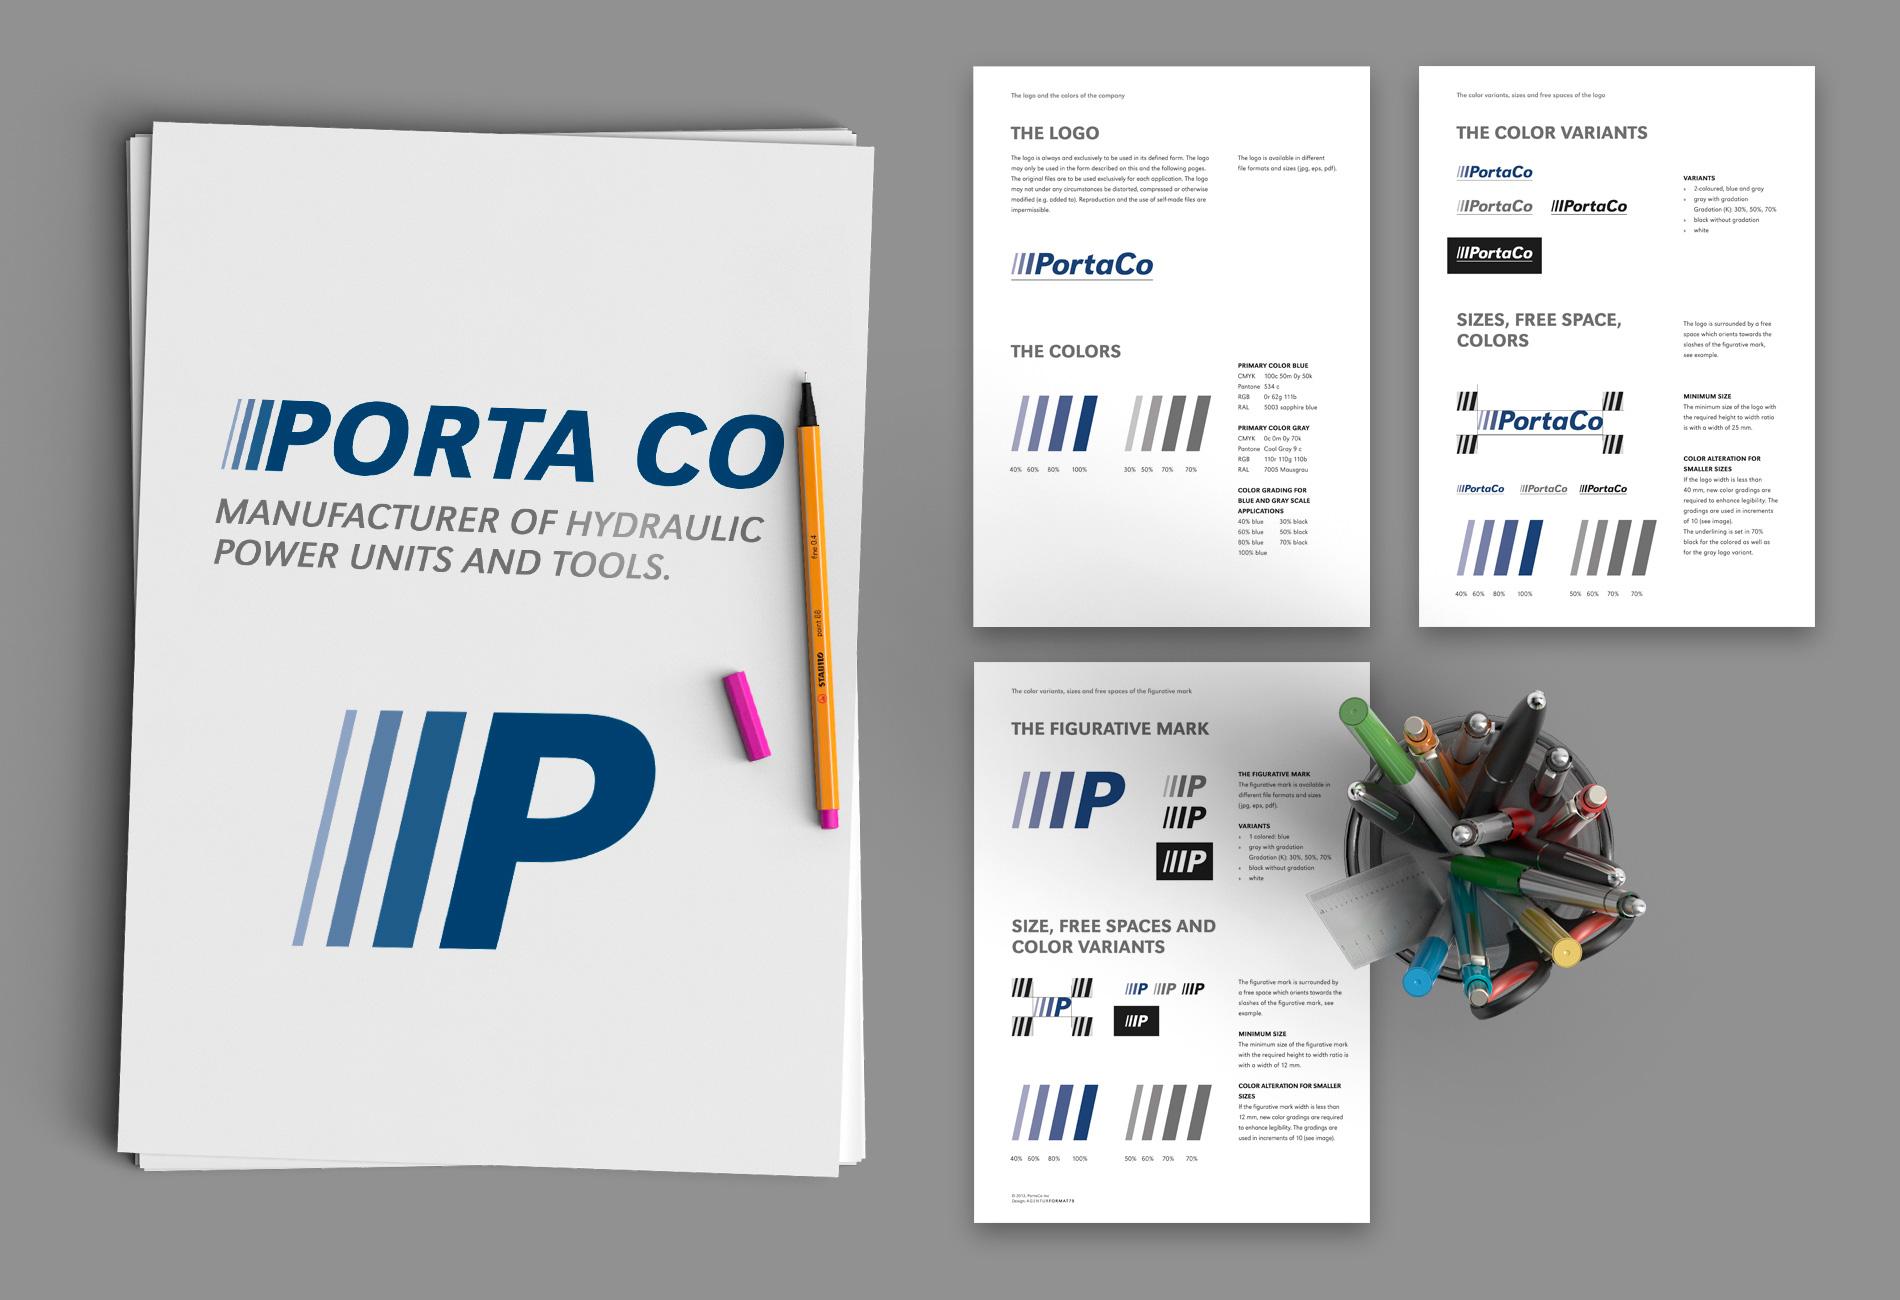 Portaco Inc